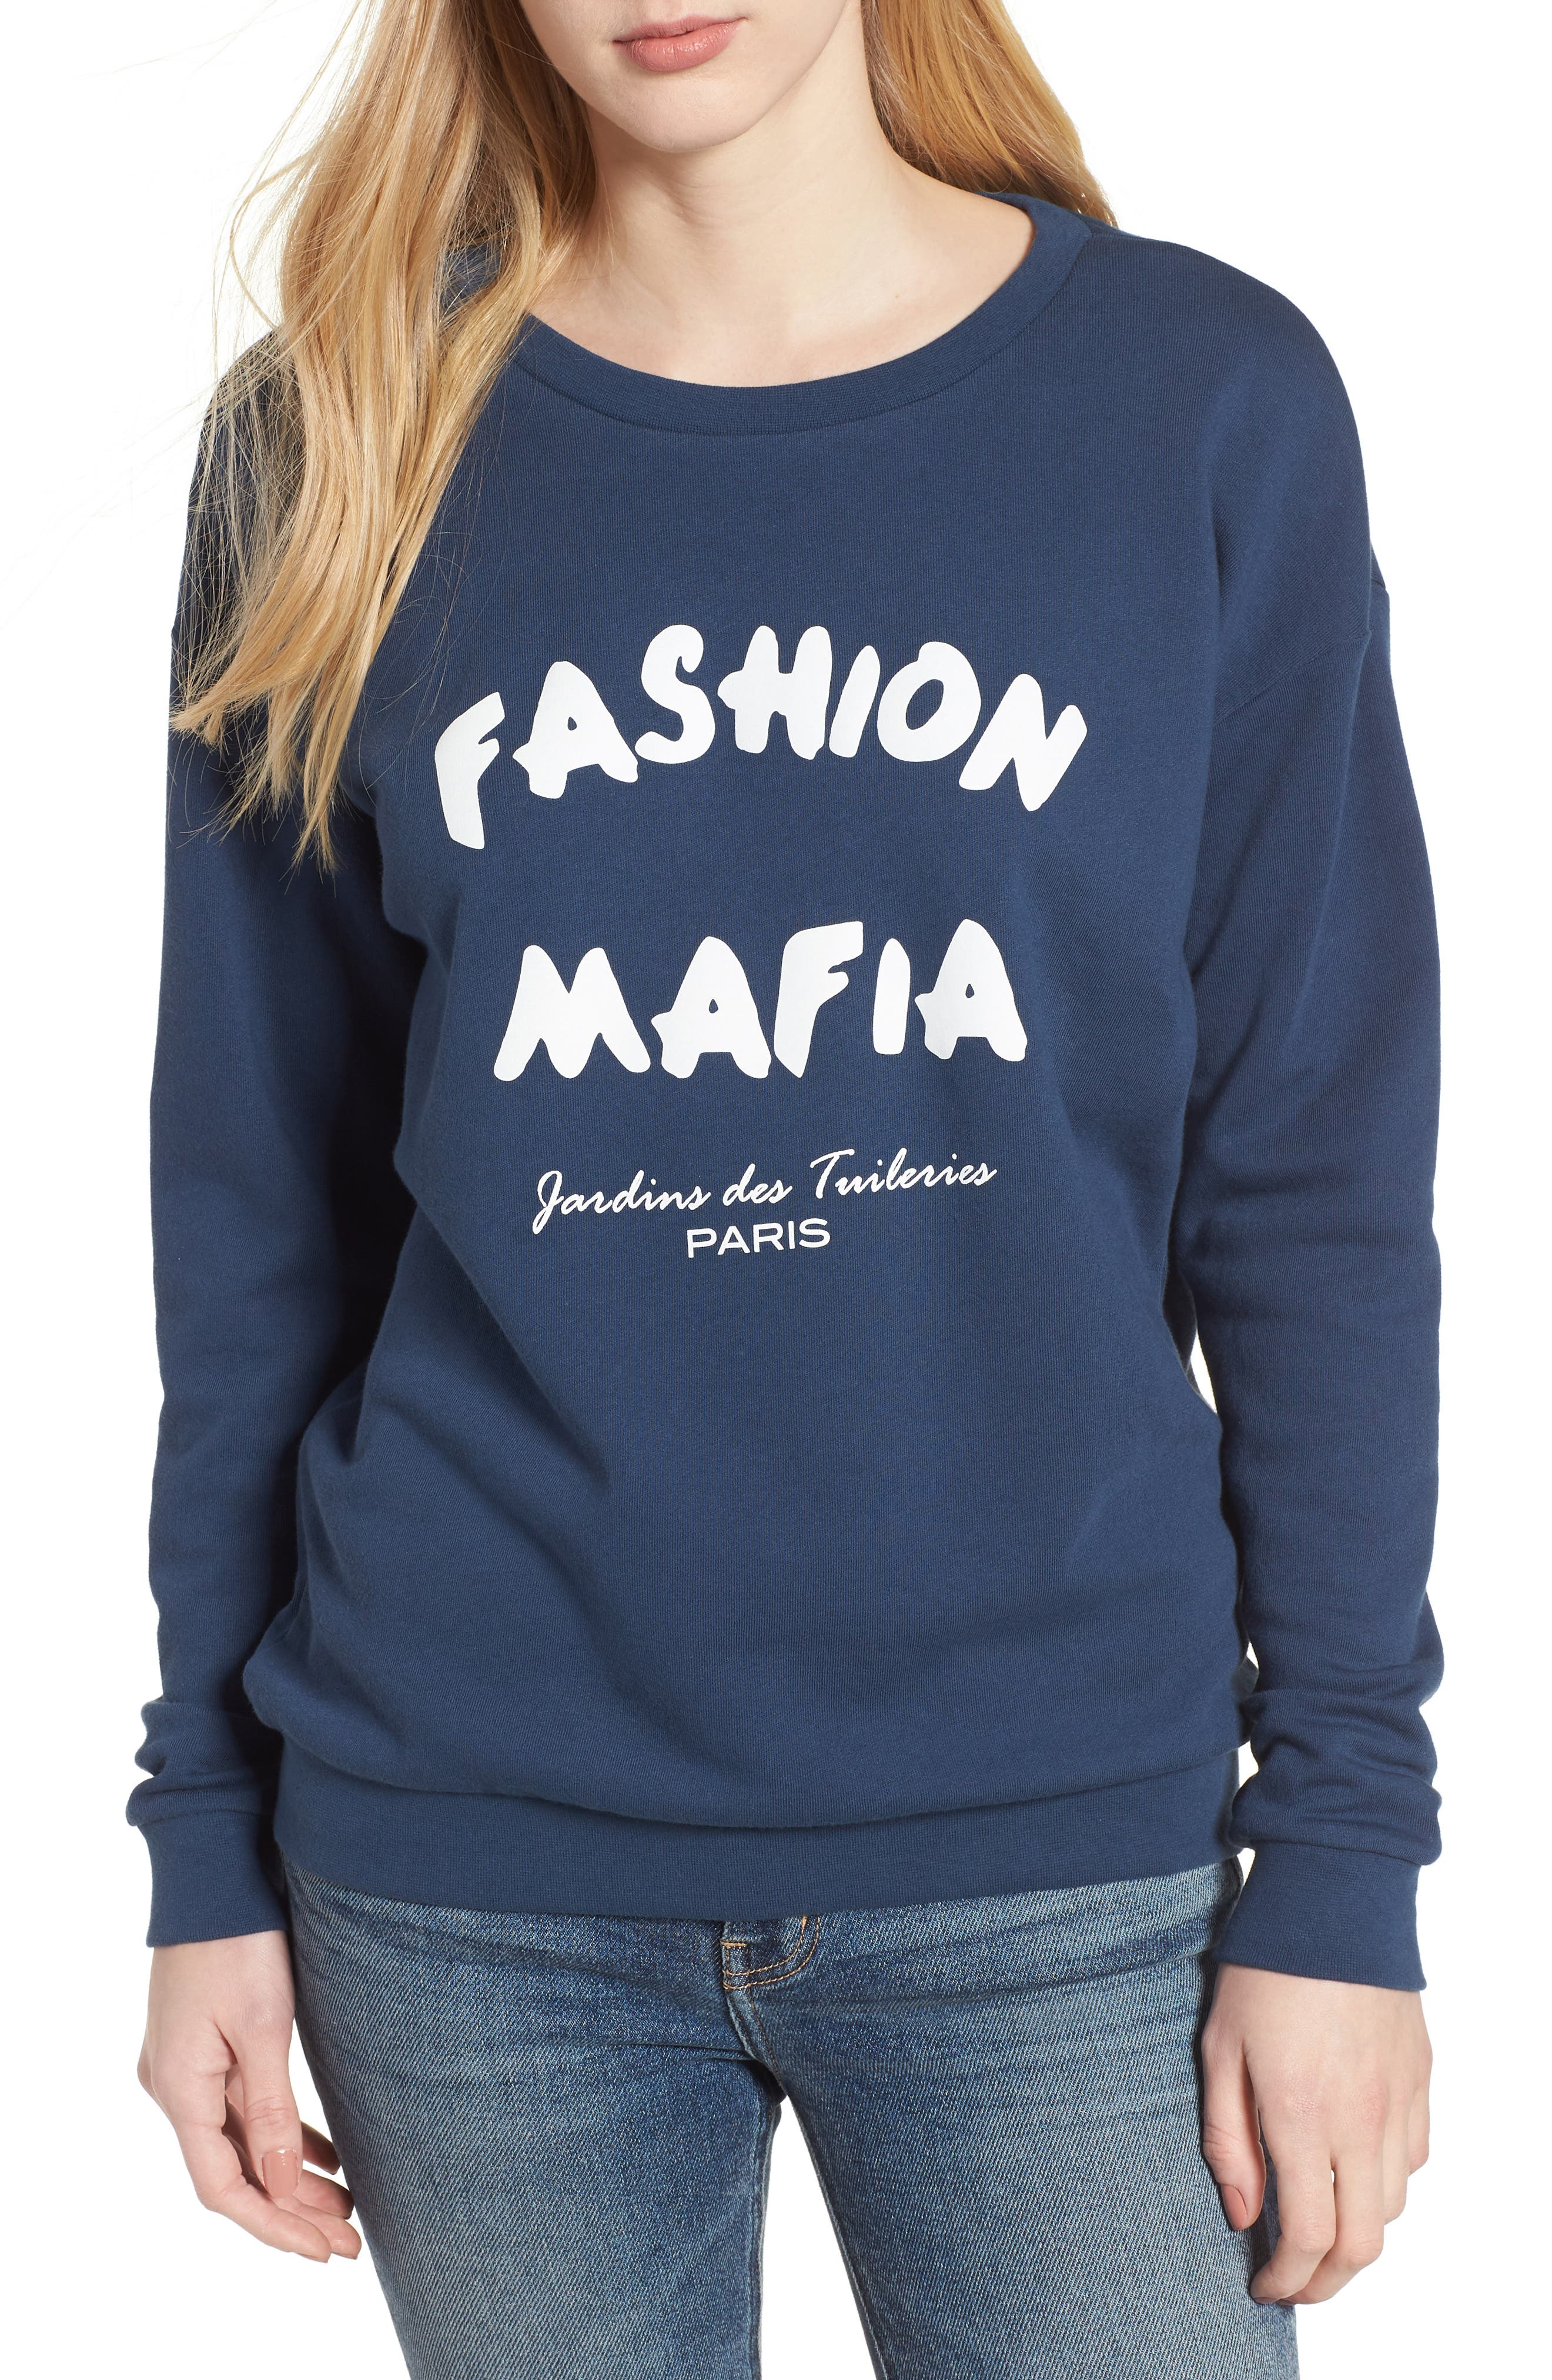 Alexa - Fashion Mafia Sweatshirt,                             Main thumbnail 1, color,